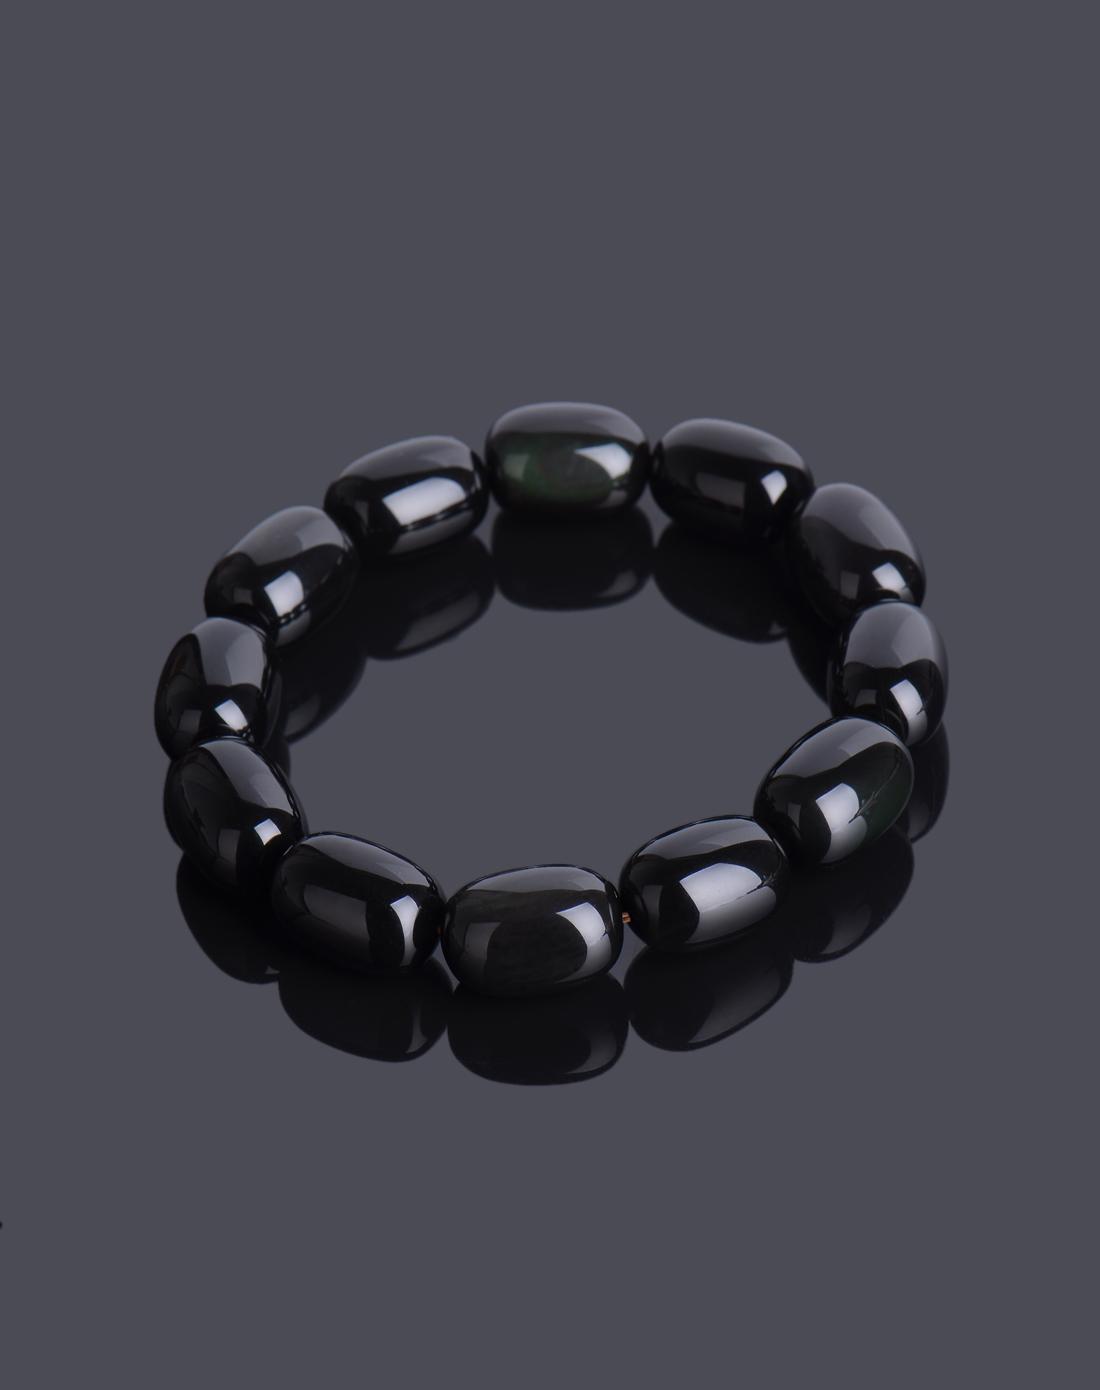 黑曜石桶珠手链x93941313991